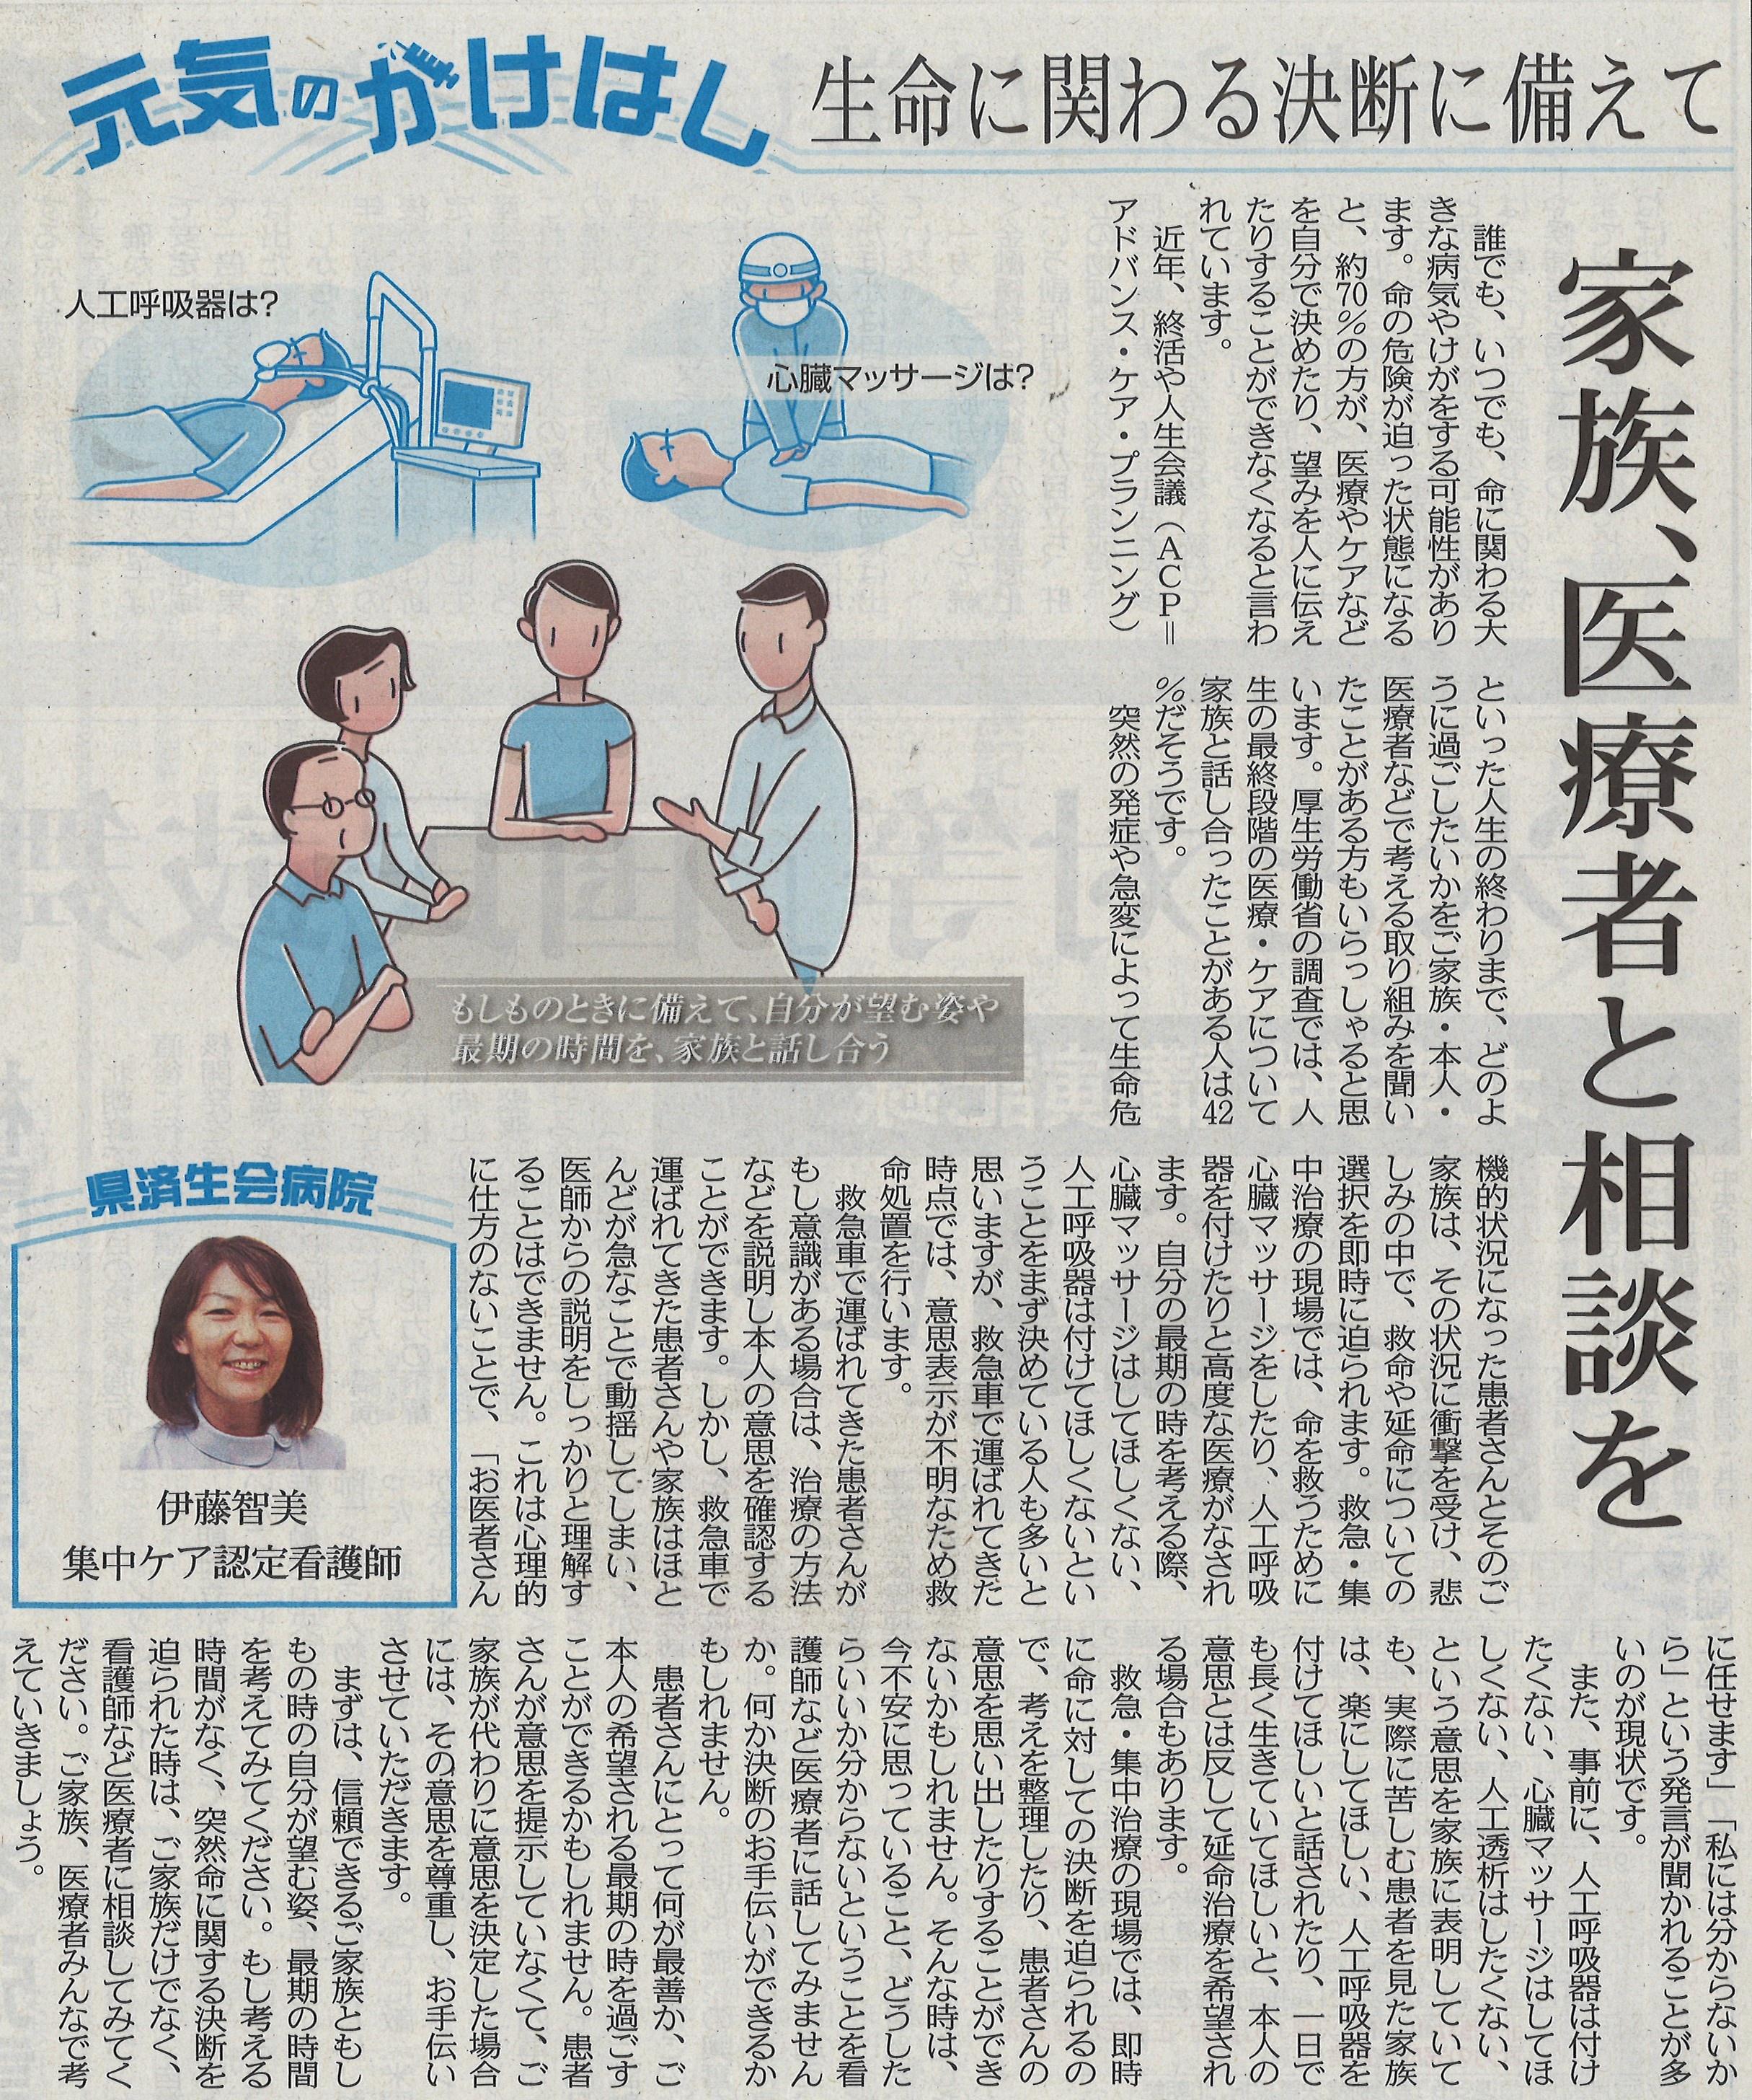 2019年7月11日 日刊県民福井